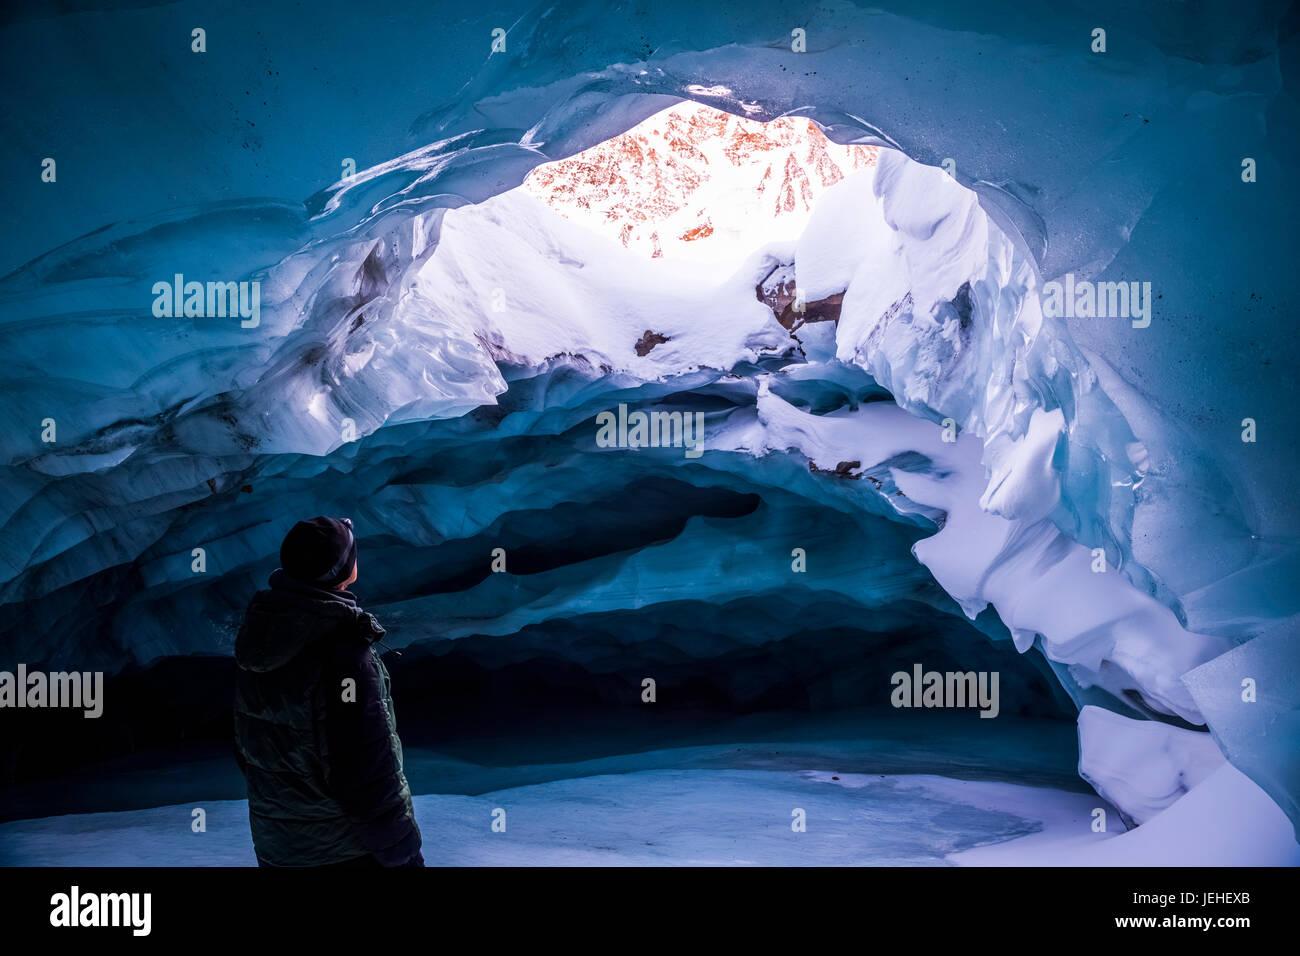 Un homme donne une ouverture dans le plafond d'une grotte de glace à l'intérieur de l'Augustana Photo Stock